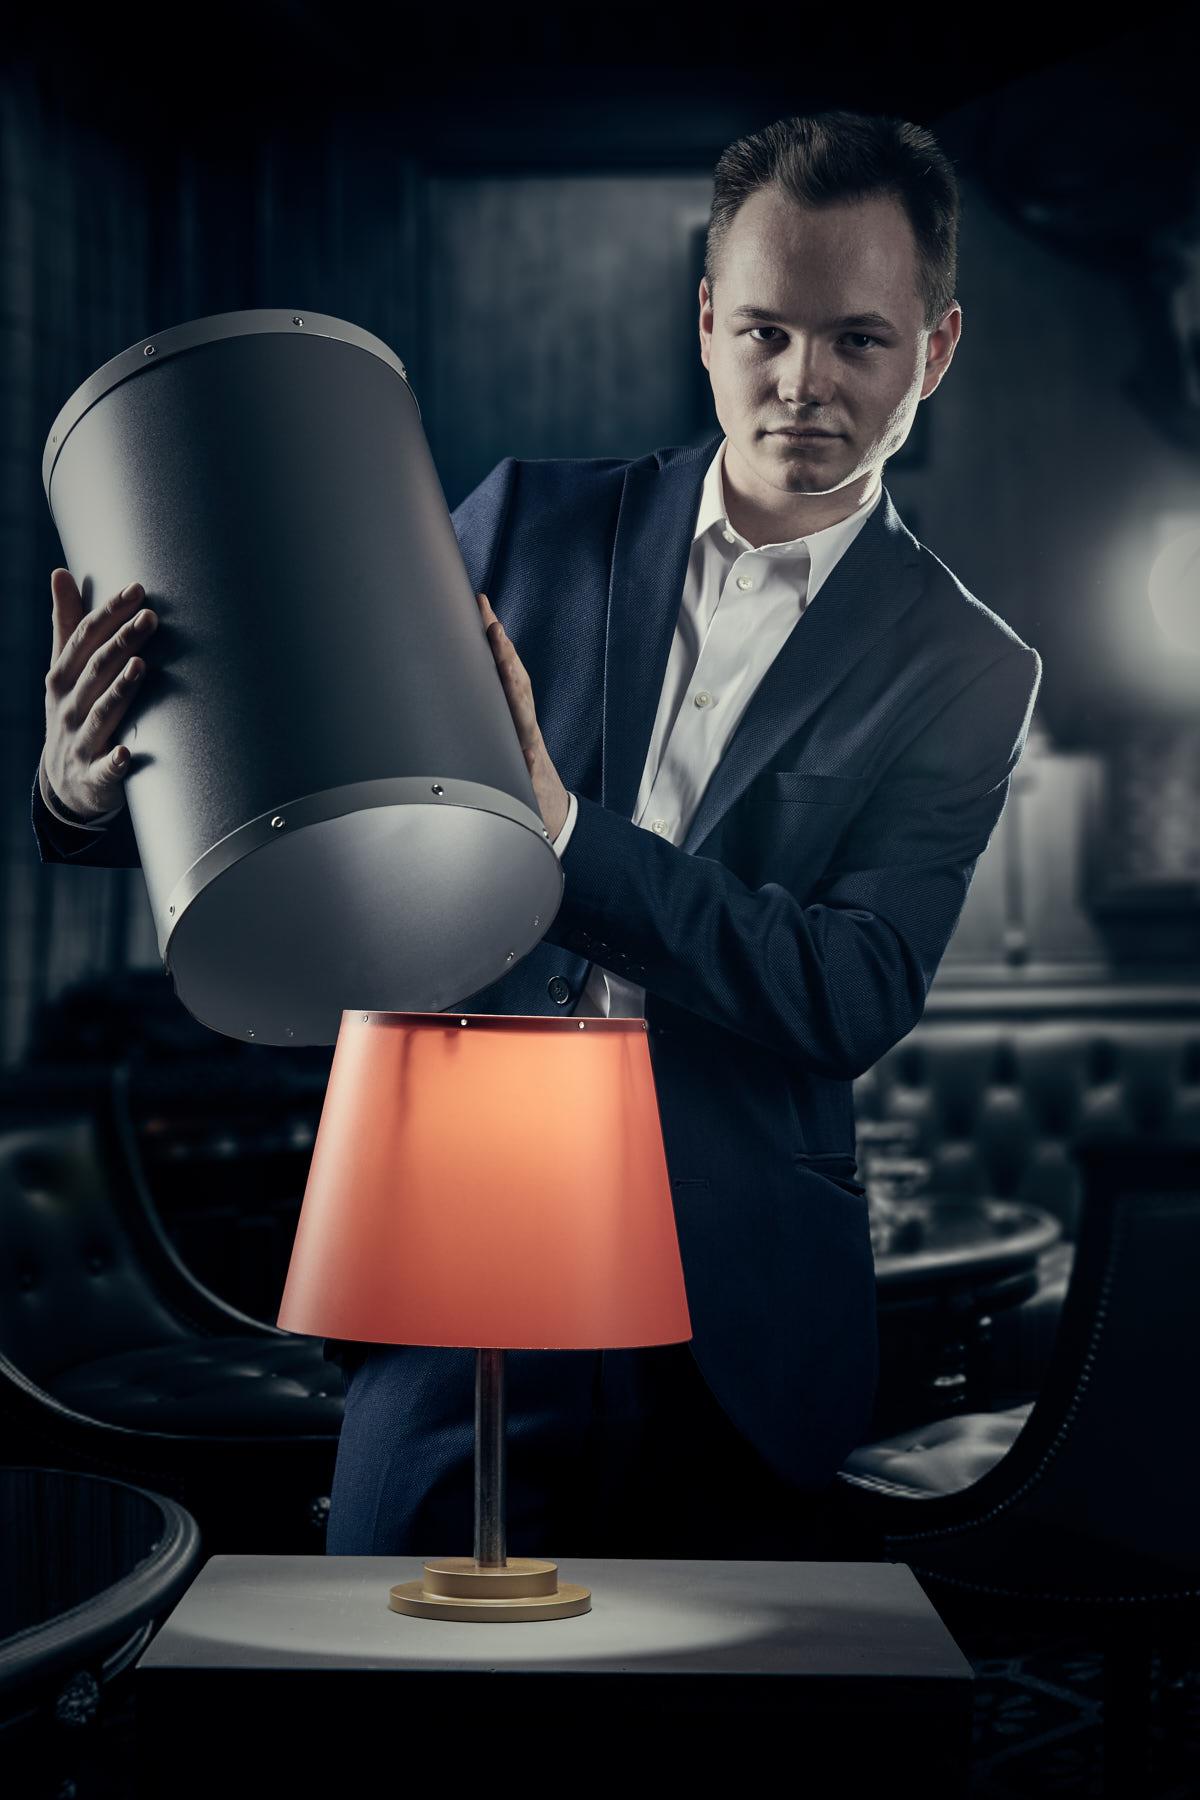 Künstlerportrait eines jungen Zauberers im Anzug der ein orangenen Lampe aus einem Rohr zaubert